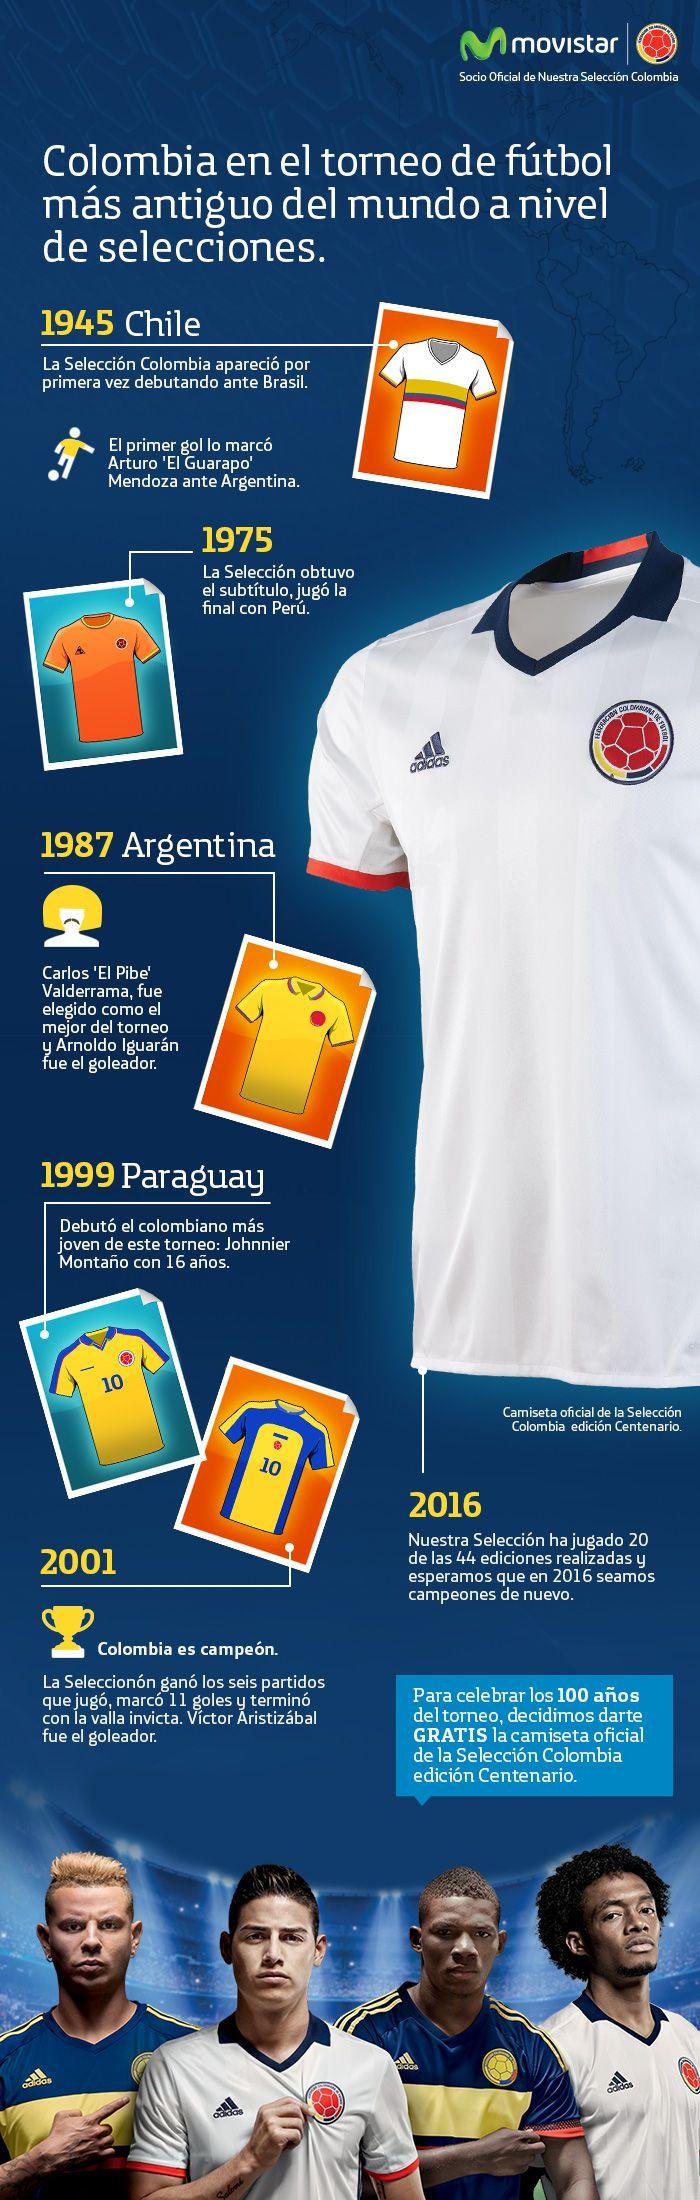 ¡Ponte la camiseta y recuerda con nosotros los mejores momentos de la Selección en la Copa!